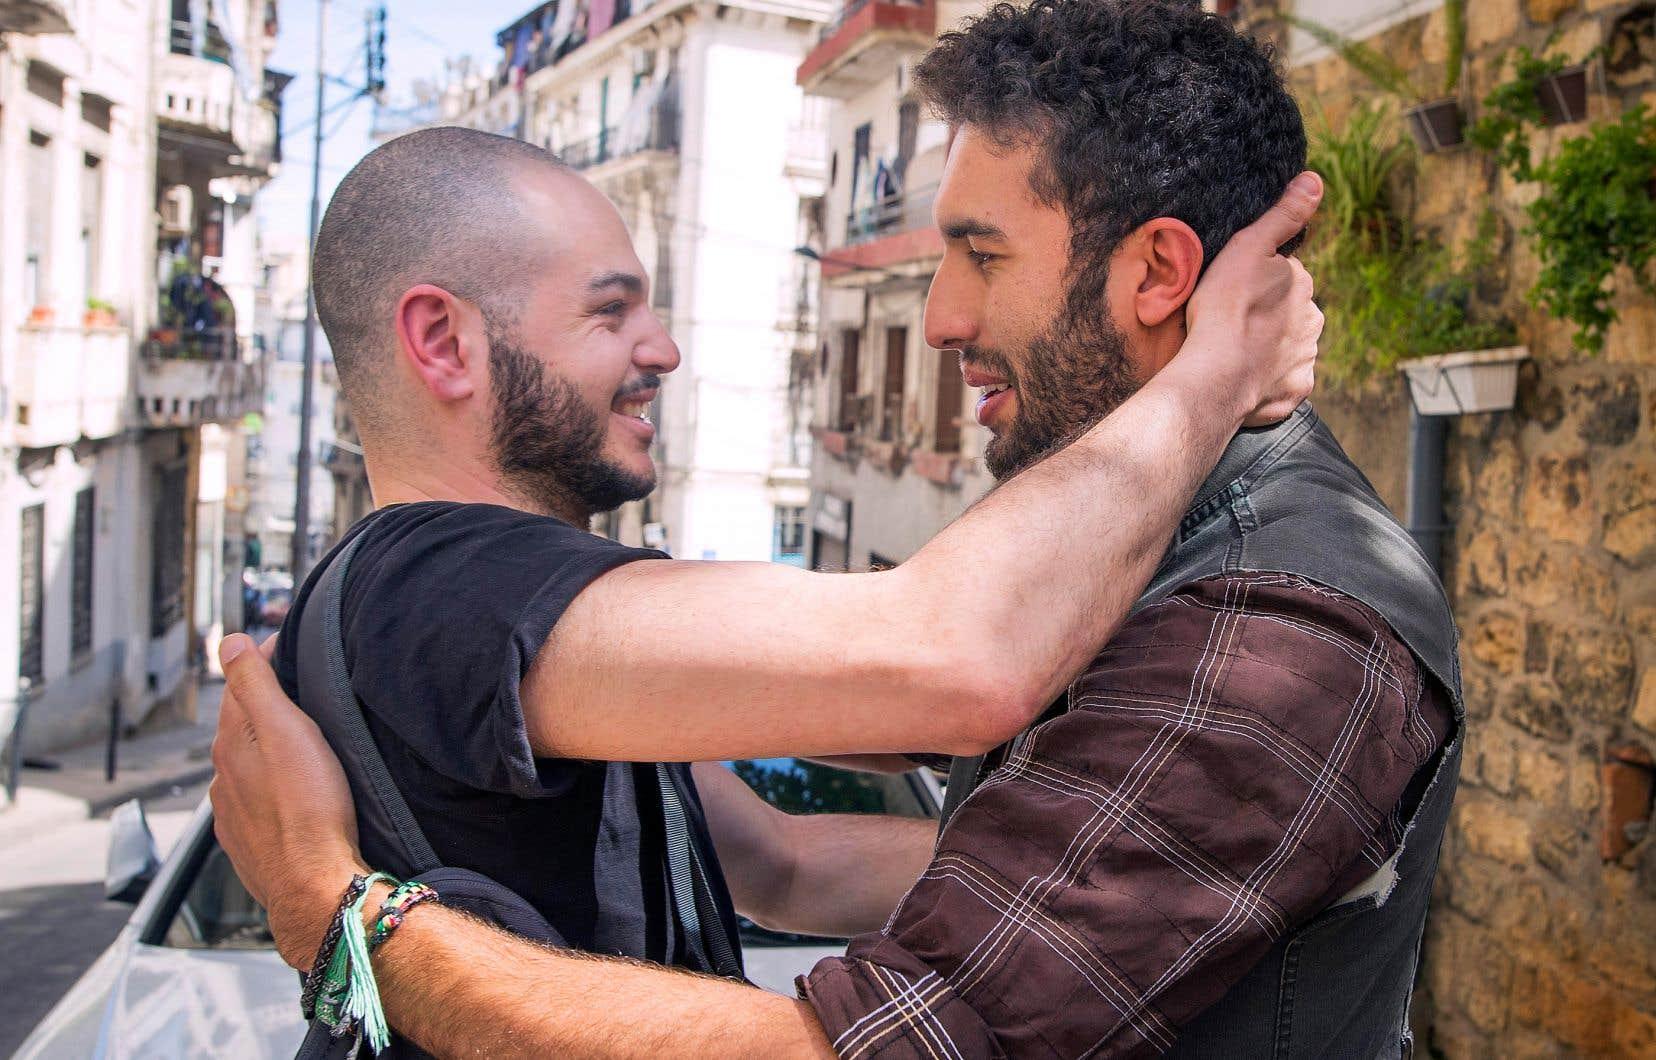 Rimouskois depuis 20 ans, Mehdi, à gauche, est retourné à Alger pour visiter son ami d'enfance, Khaled, et sentir le vent de liberté qui souffle sur son pays d'origine.